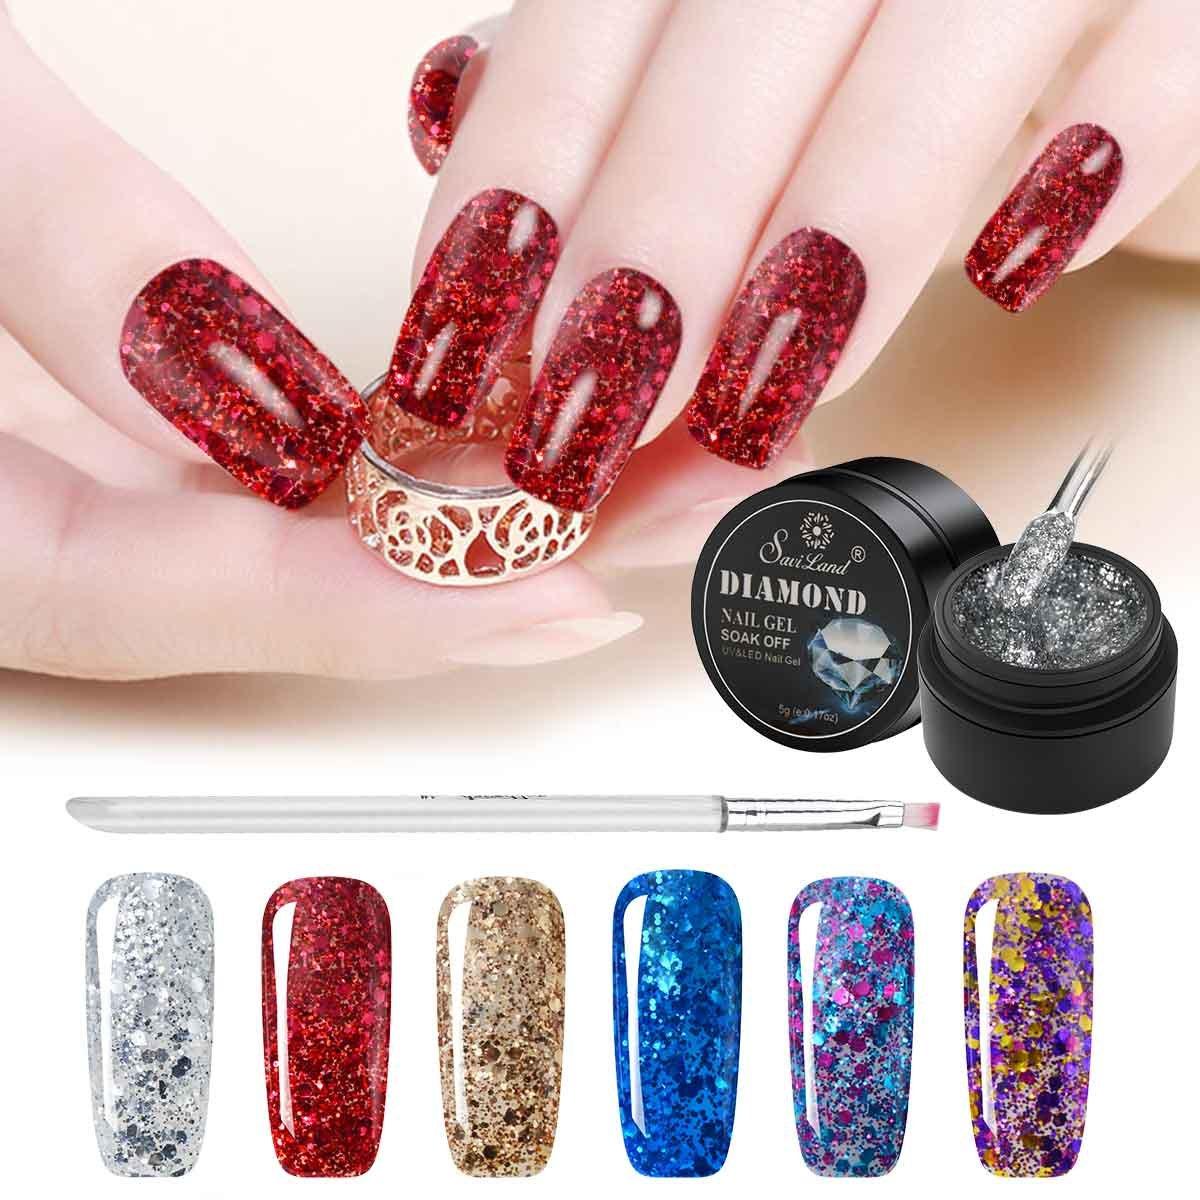 Esmalte de uñas de 6 colores con purpurina + lápiz de pintura, Saviland Soak Off Diamond Gel esmalte de uñas Set: Amazon.es: Belleza